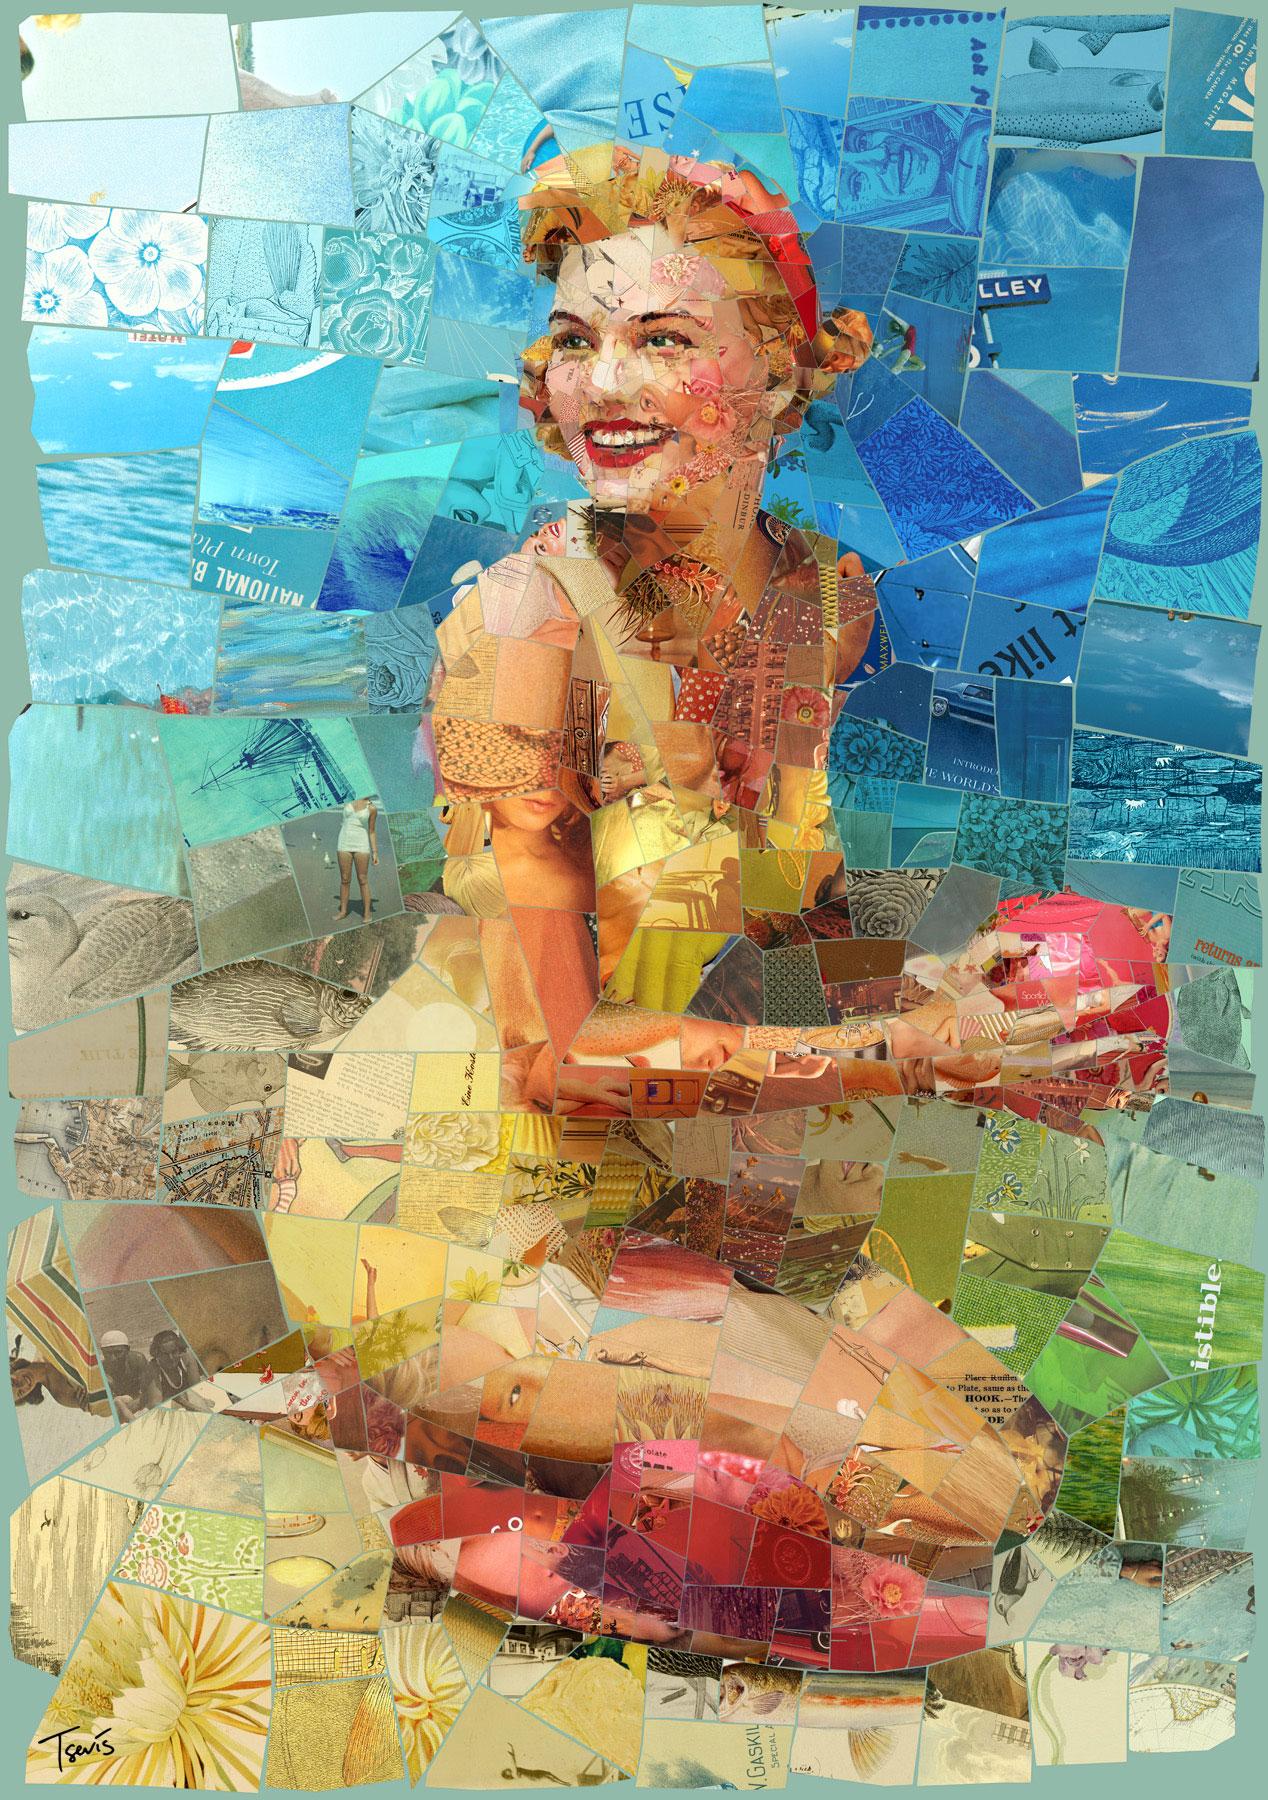 Immagine di donna in abito giallo realizzato con frammenti di mosaico dell'artista Charis Tsevis.